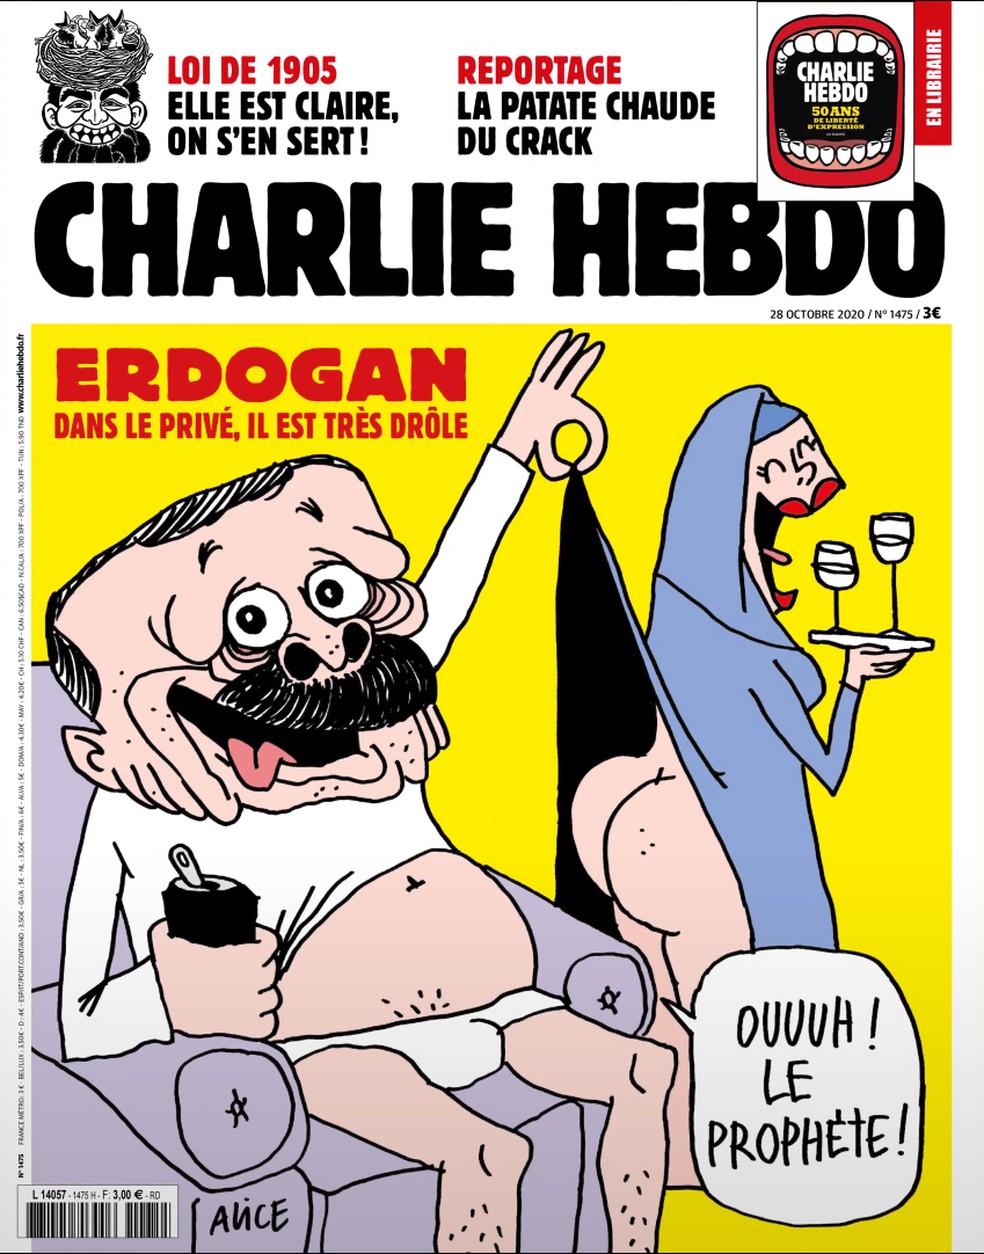 Revista satírica Charlie Hebdo publica charge de Recep Tayyip Erdogan, e presidente da Turquia reage — Foto: Divulgação/Charlie Hebdo